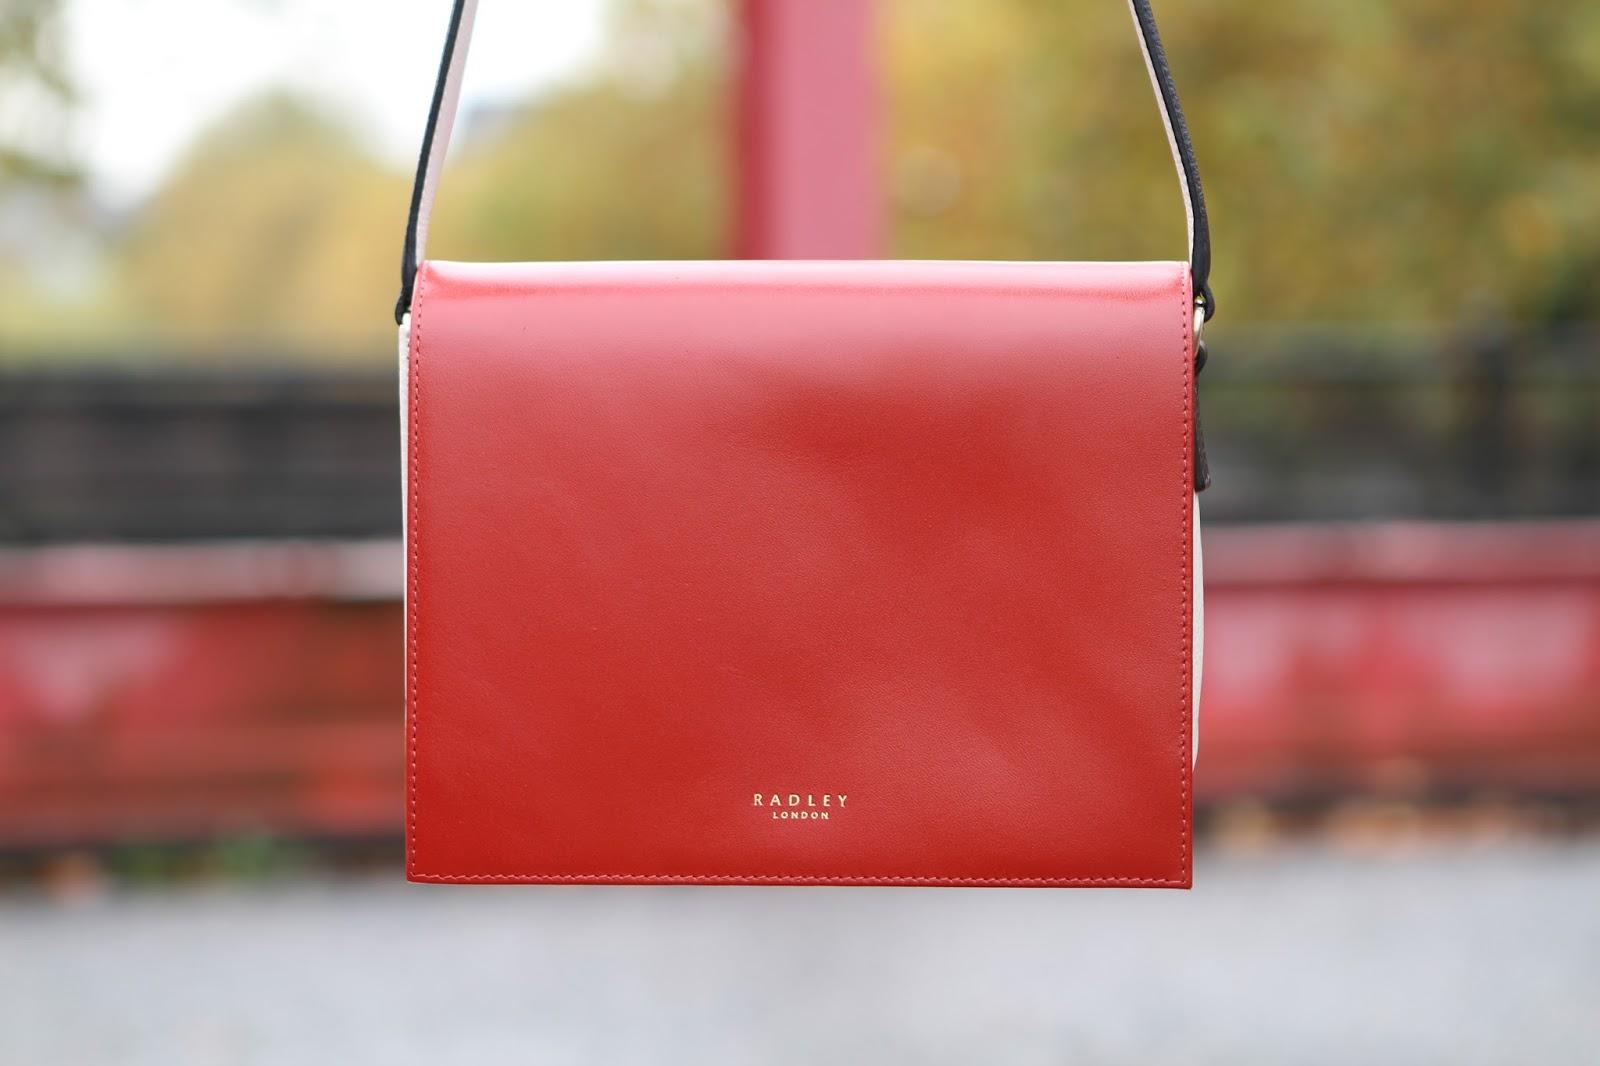 Radley Portman bag